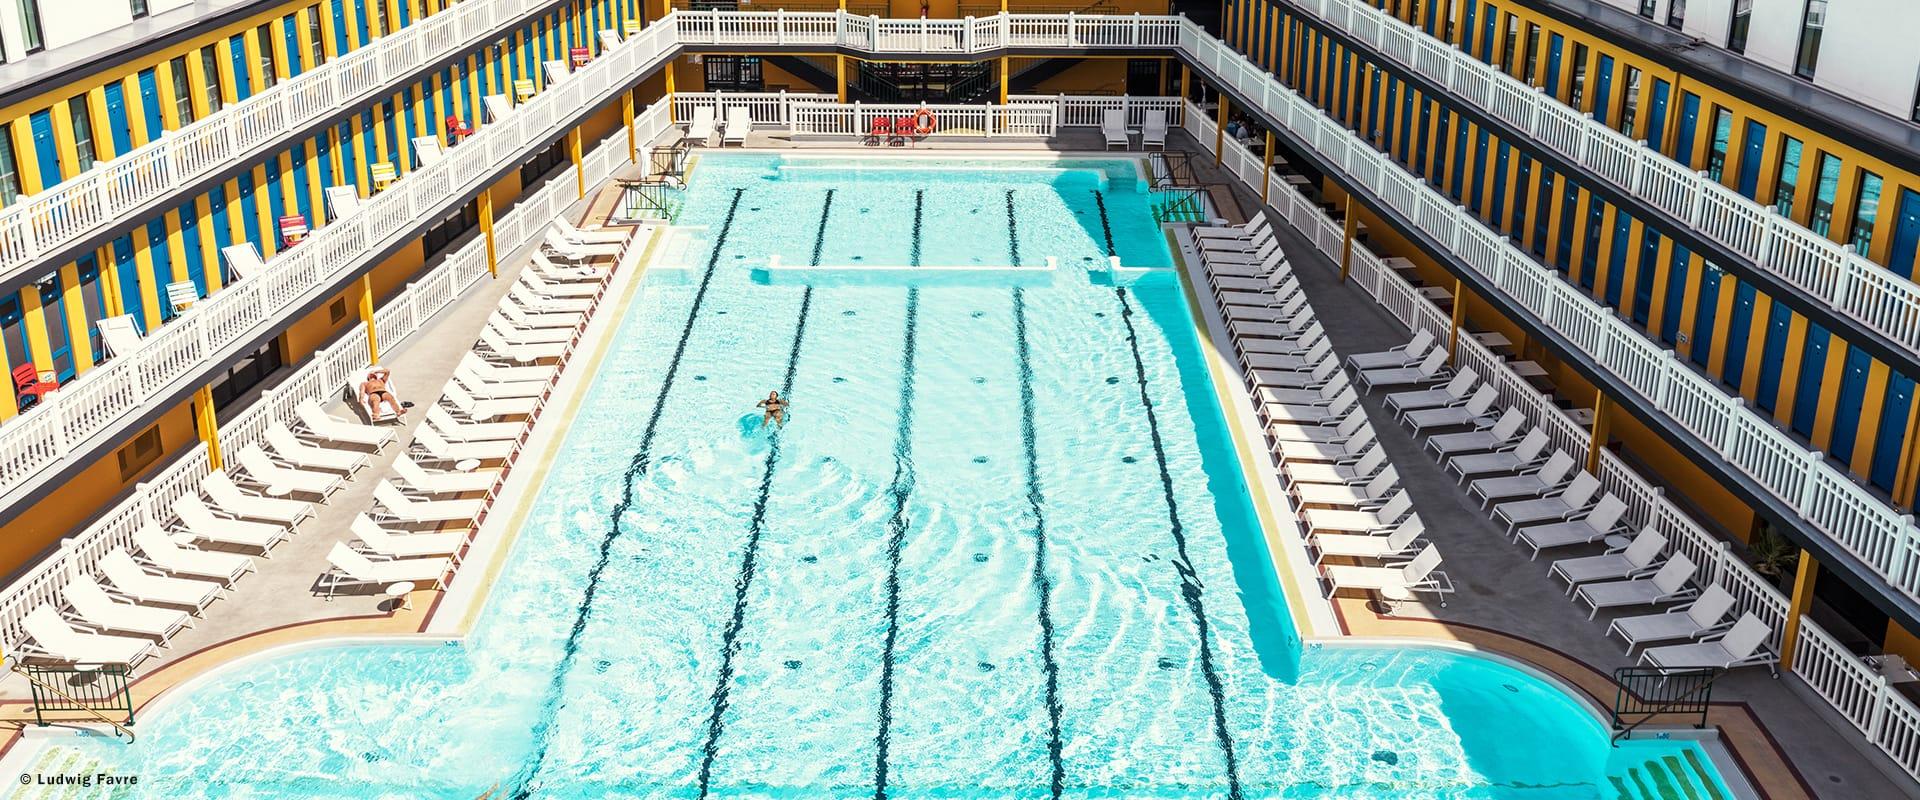 Comment transformer votre piscine de quartier en Molitor